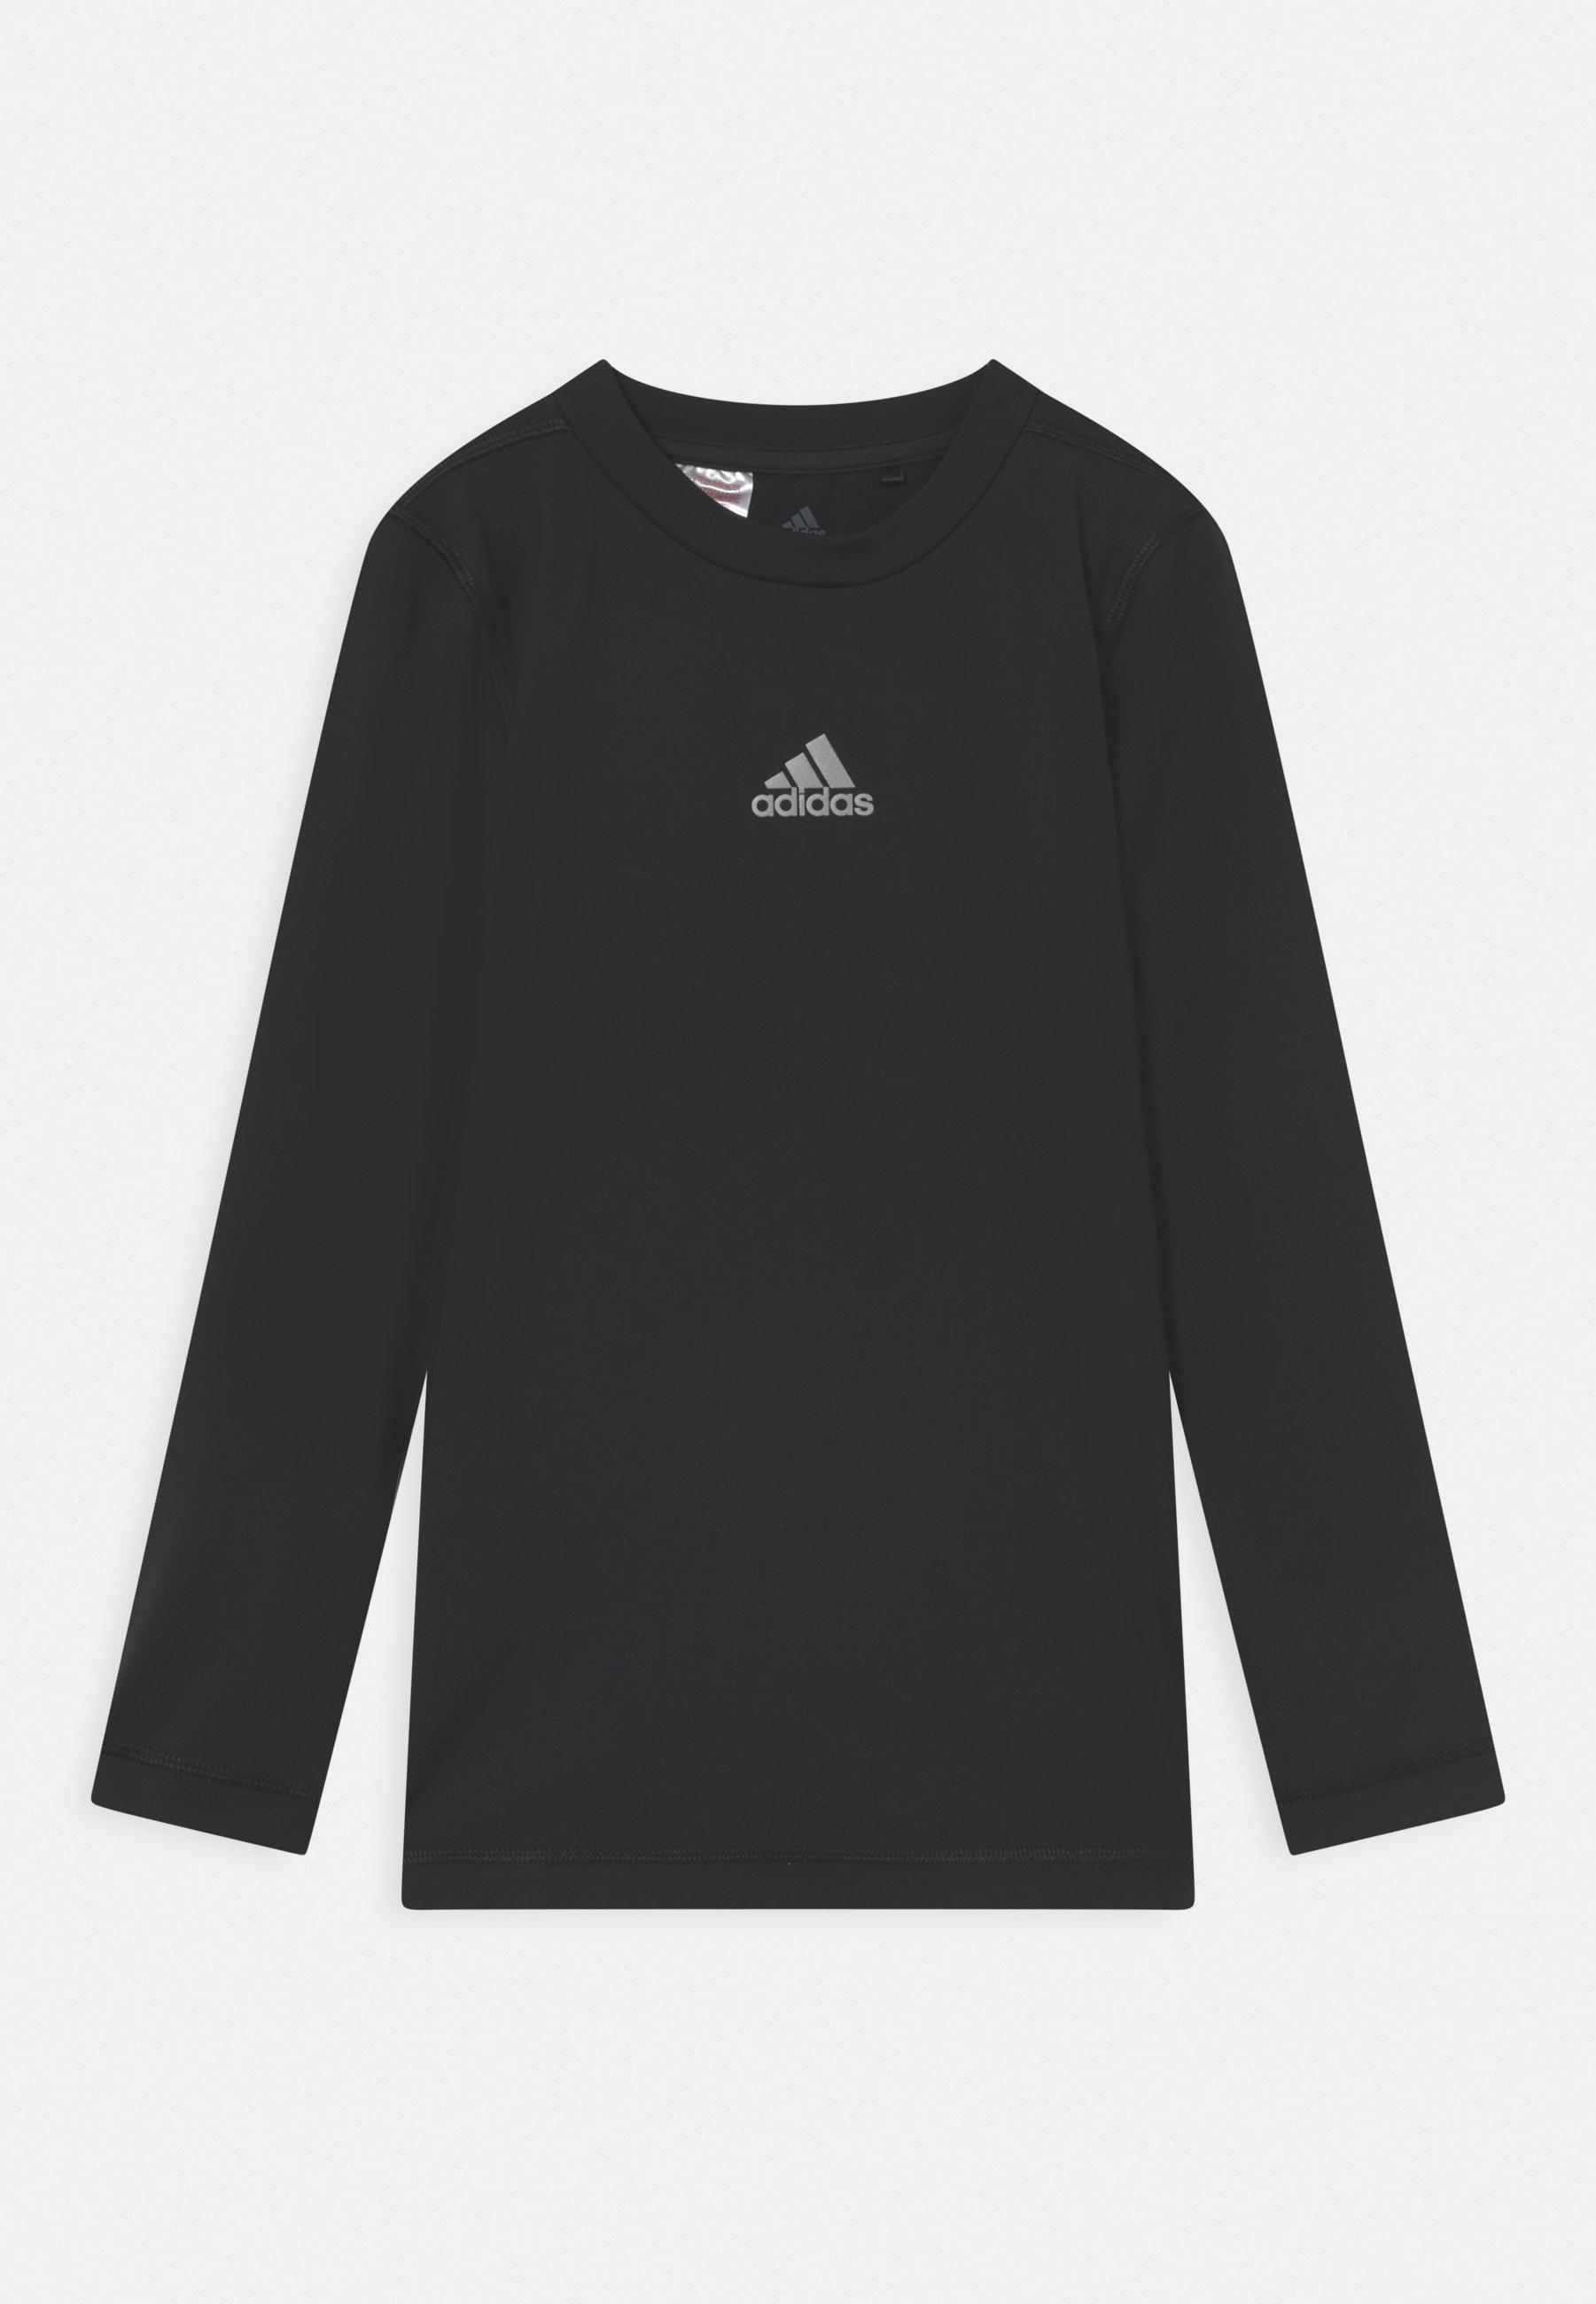 Kids TECH-FIT TEE UNISEX - Sports shirt